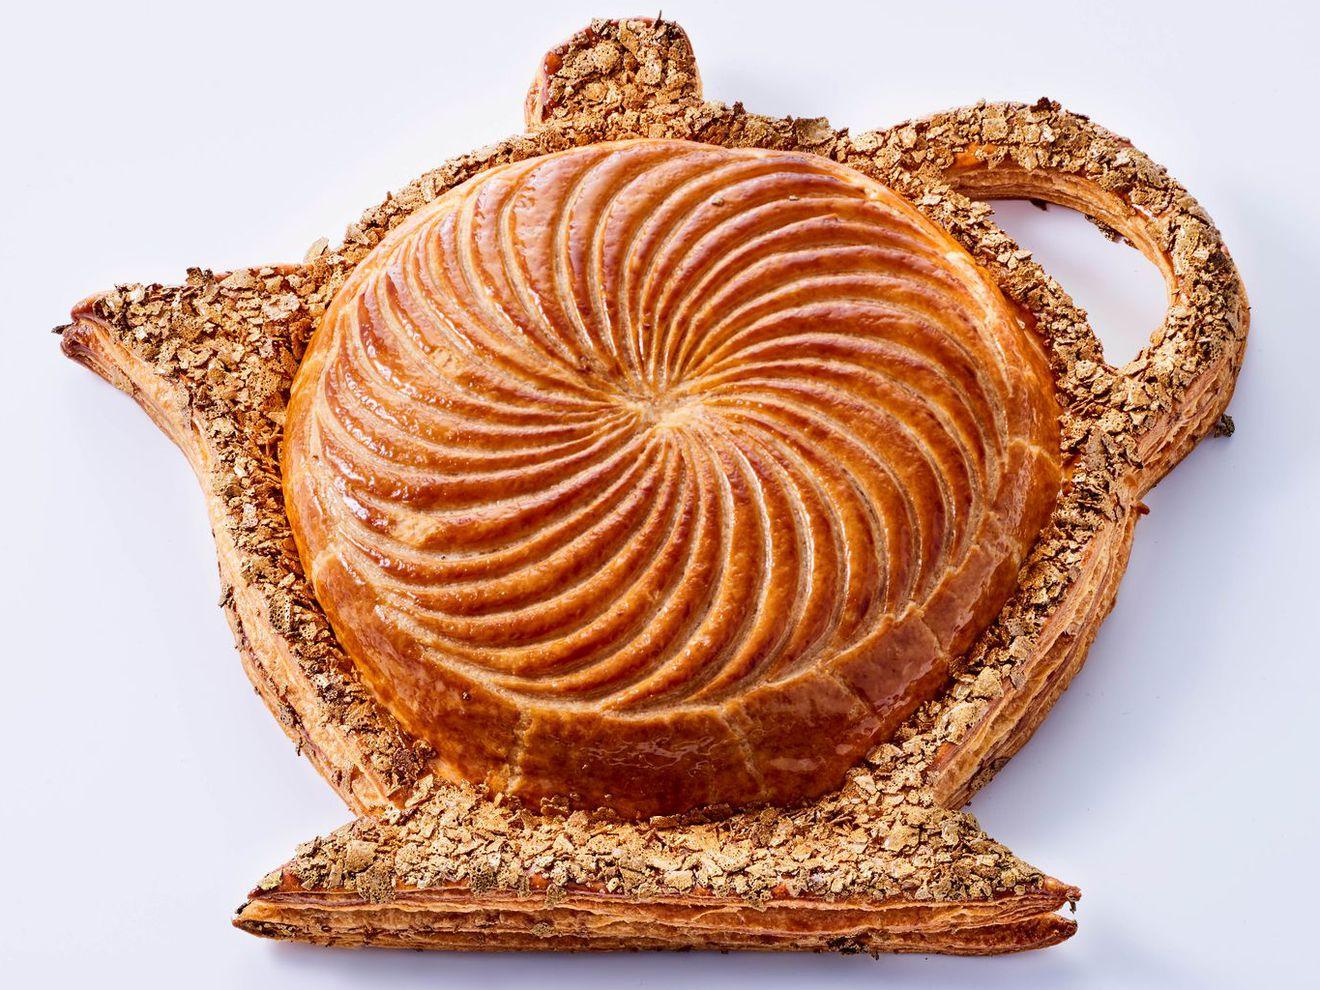 galette-des-rois-lenotre-2017_5768633.jpg